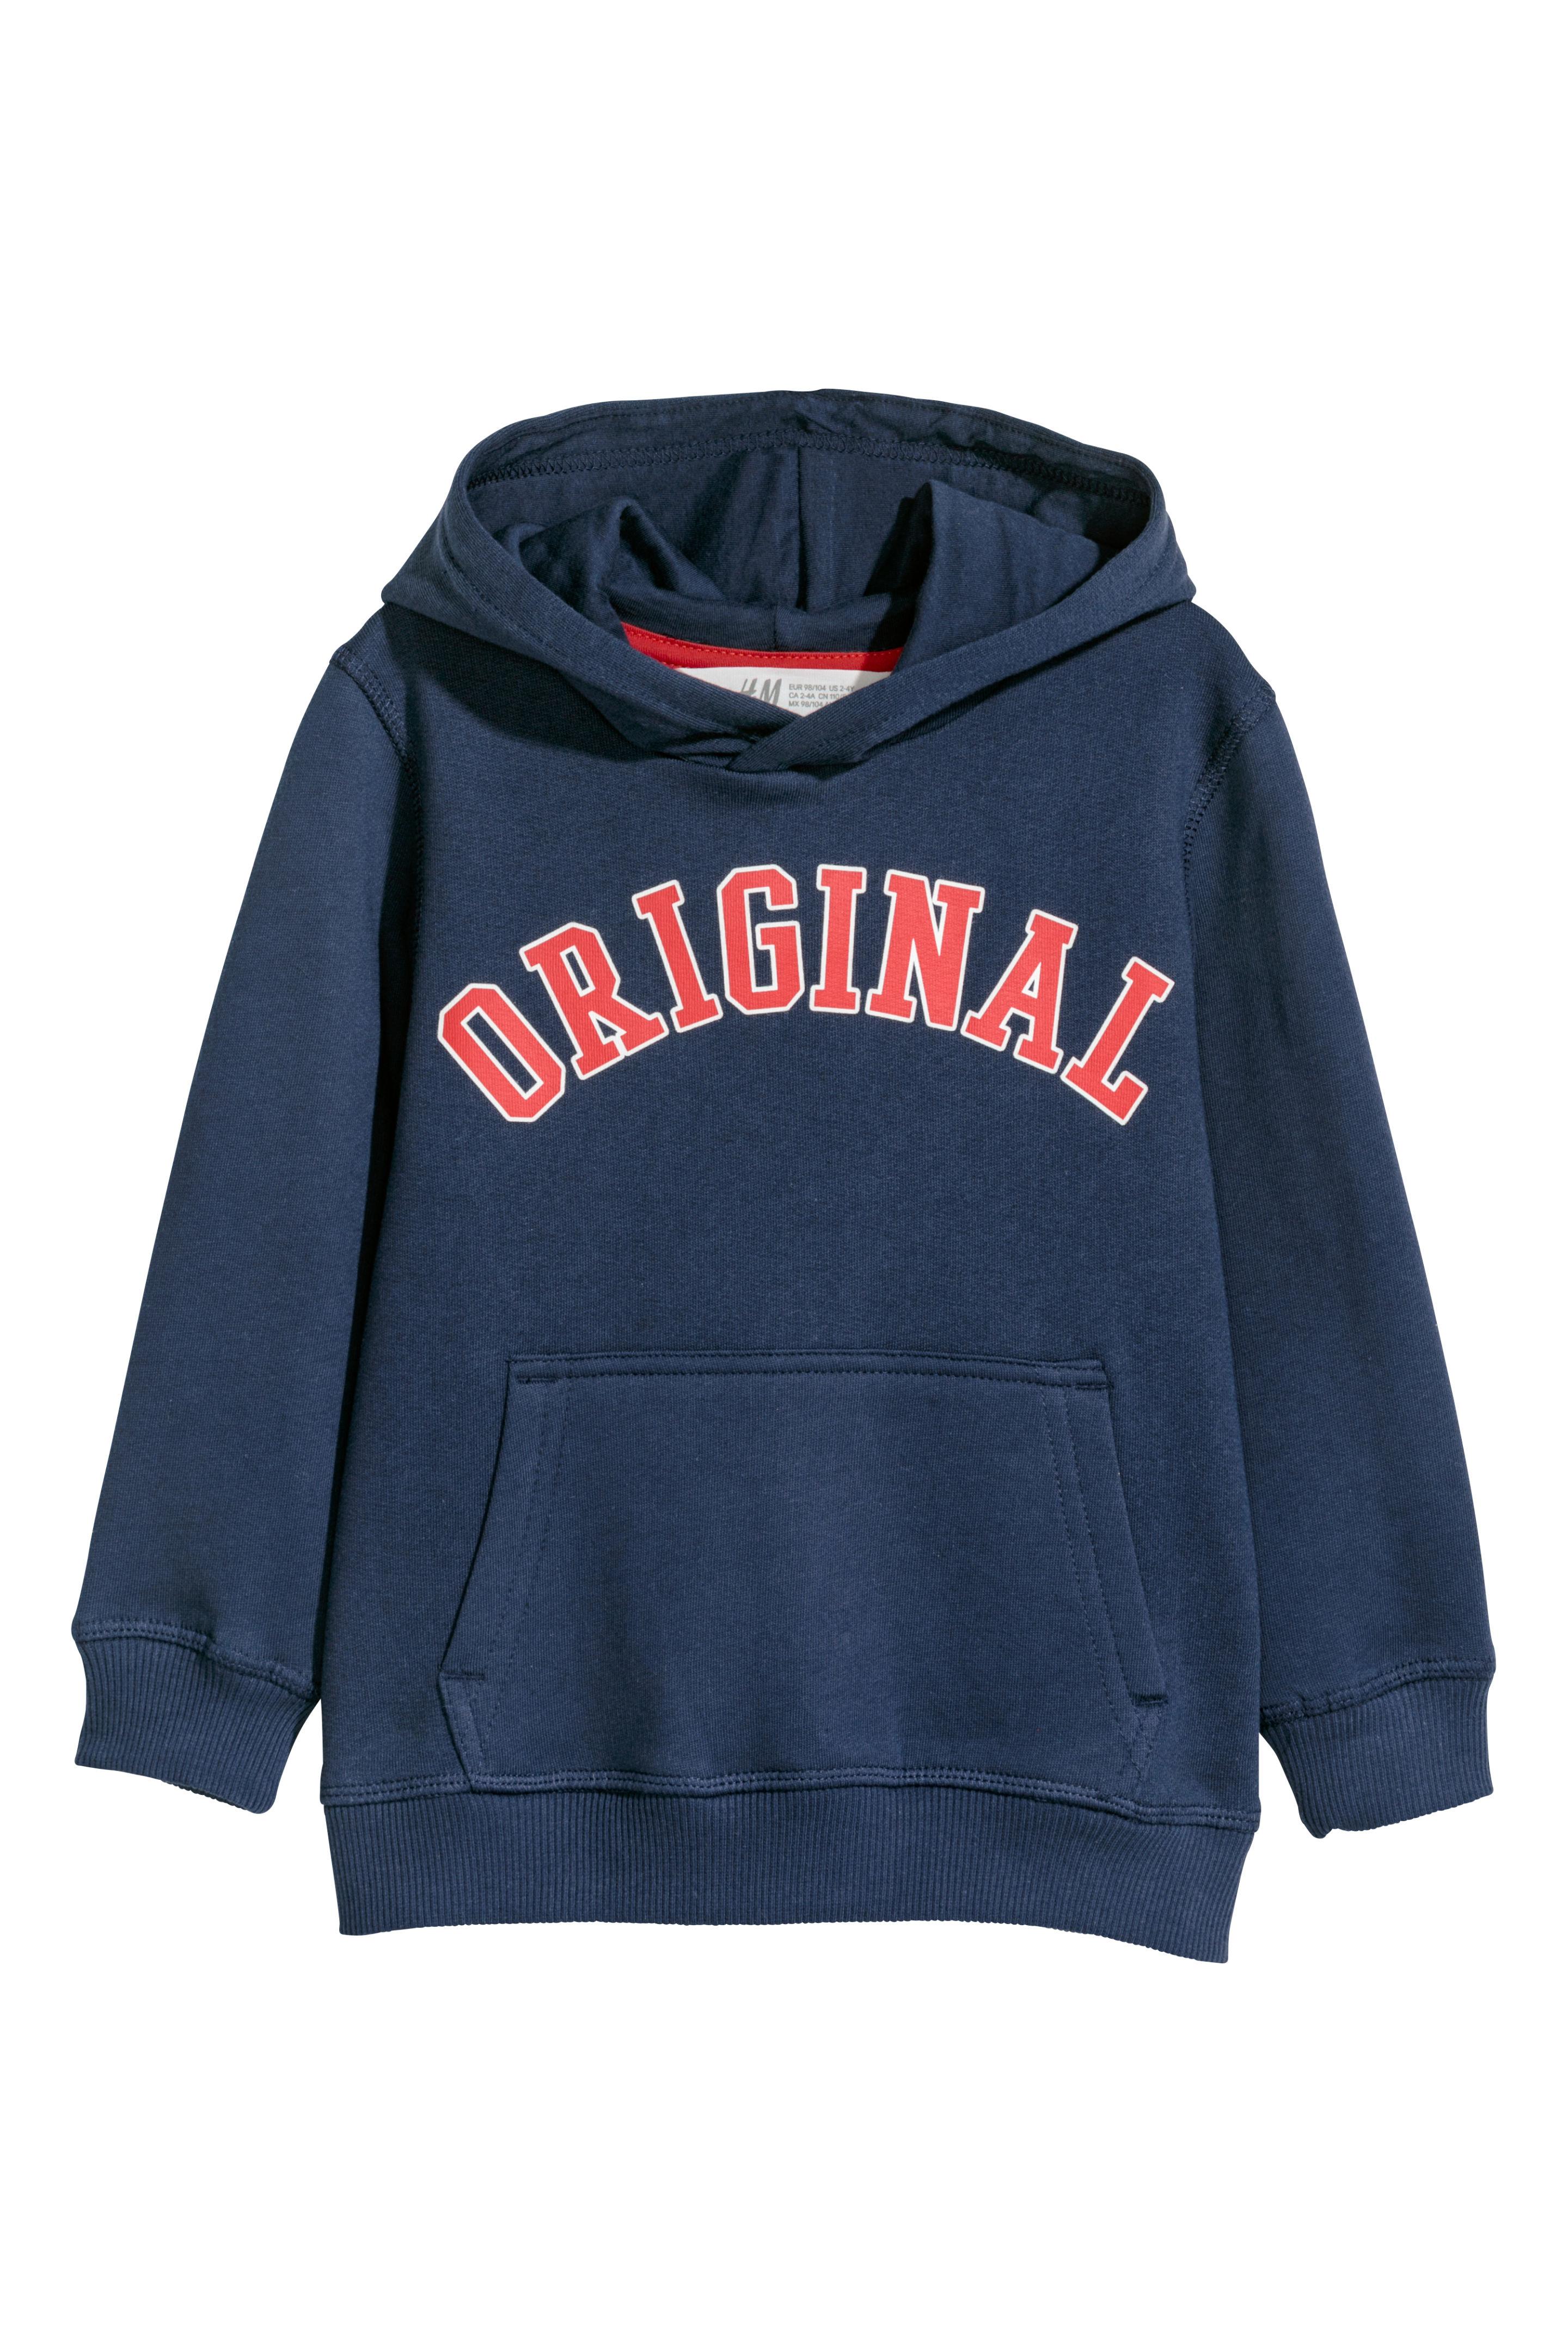 Sweater met capuchon voor €4,99